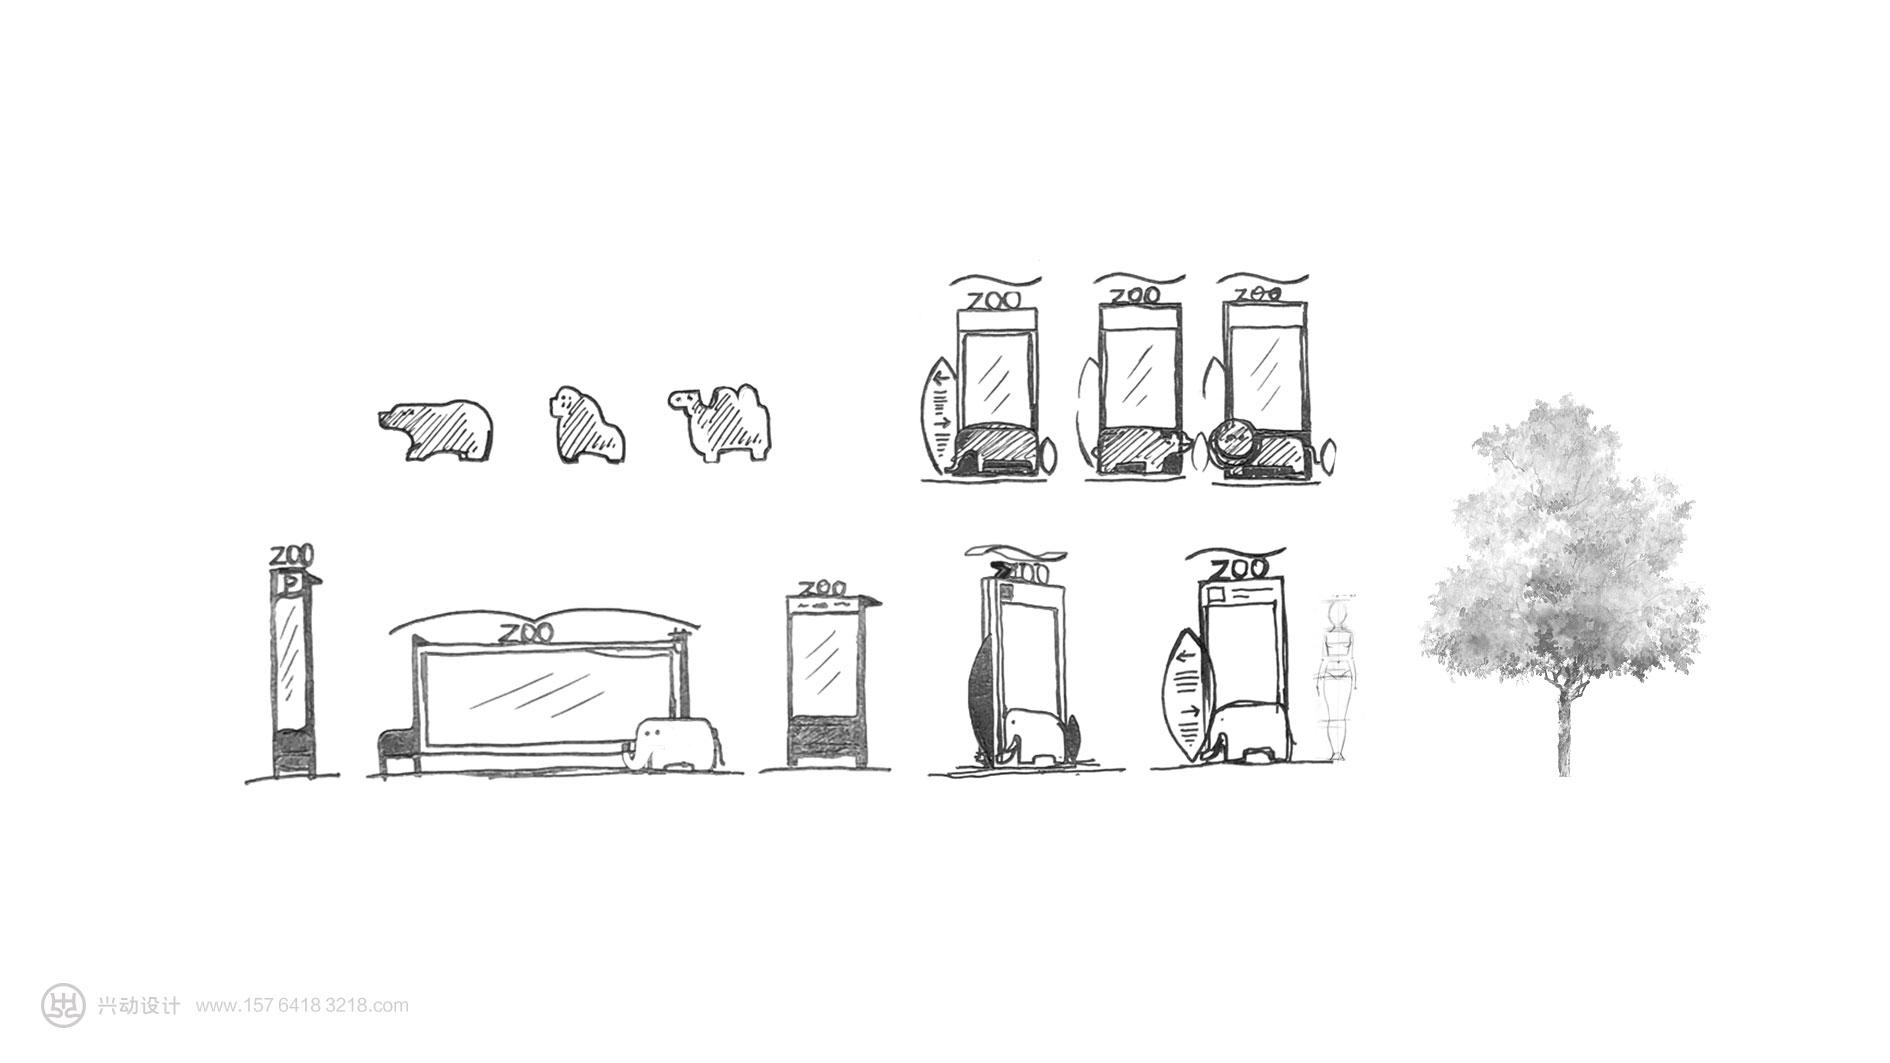 导视系统设计的概念